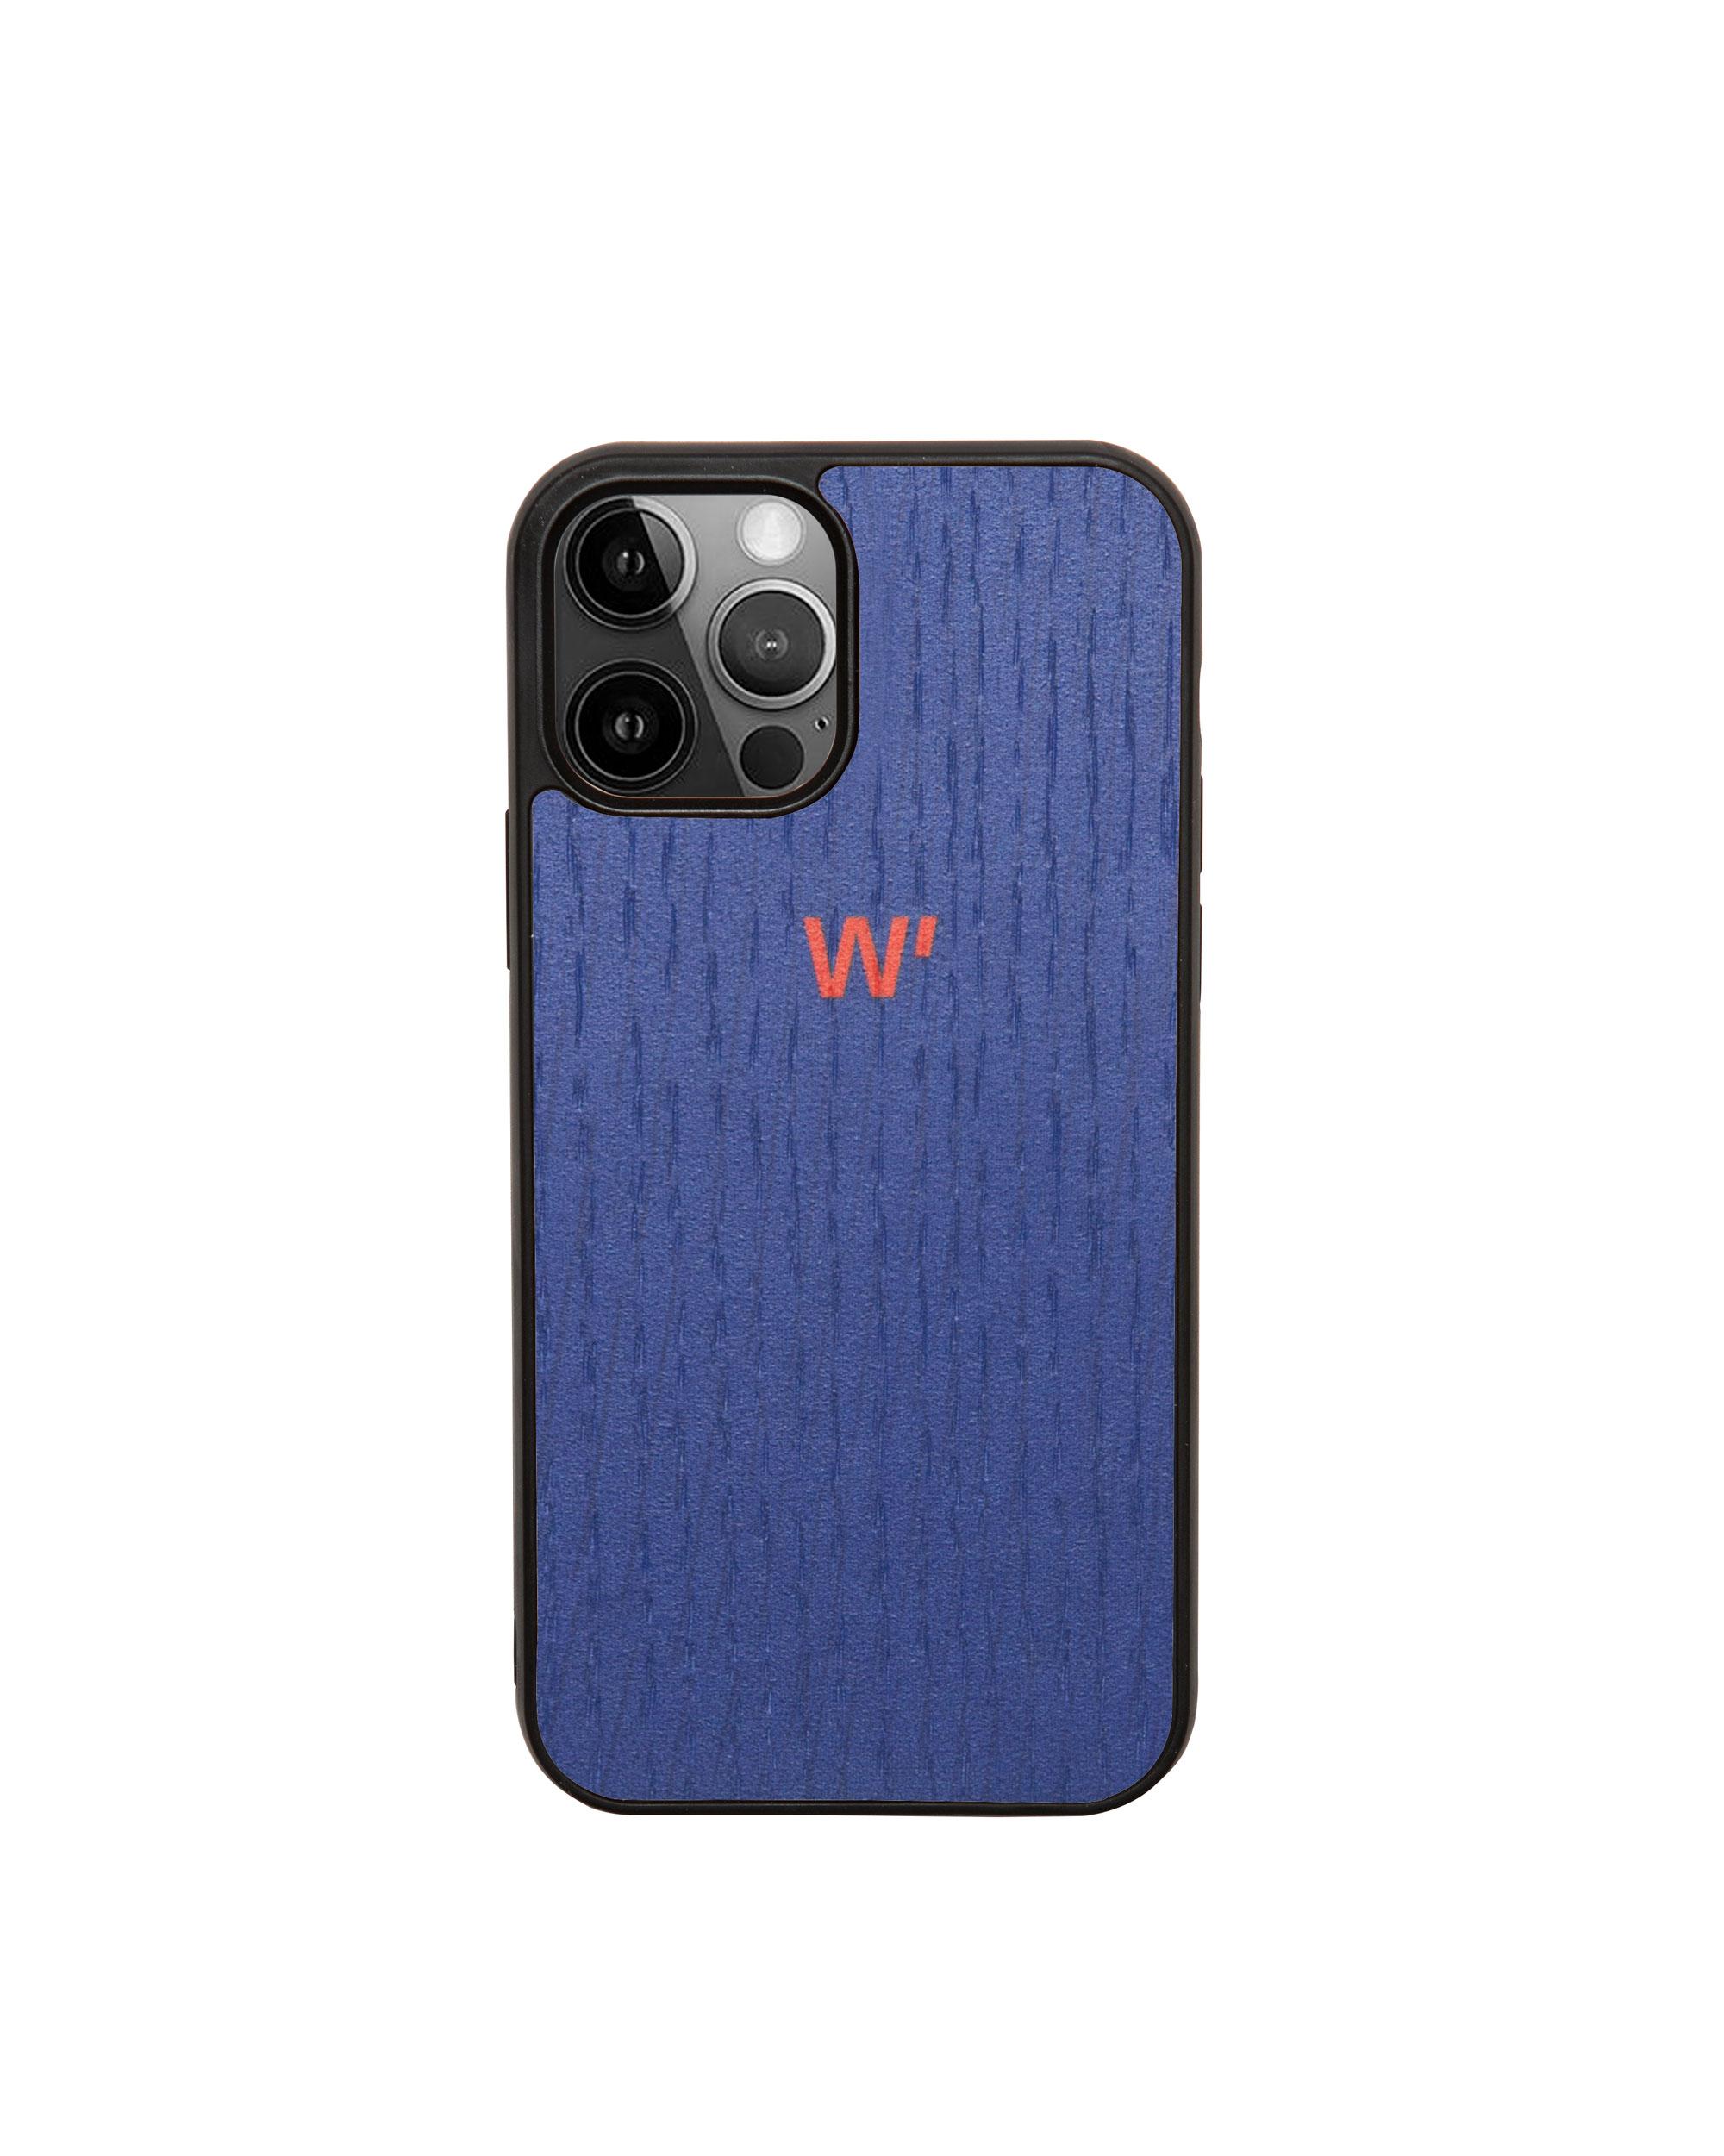 DEEP BLUE - Coque en bois pour iPhone 12 mini (photo)